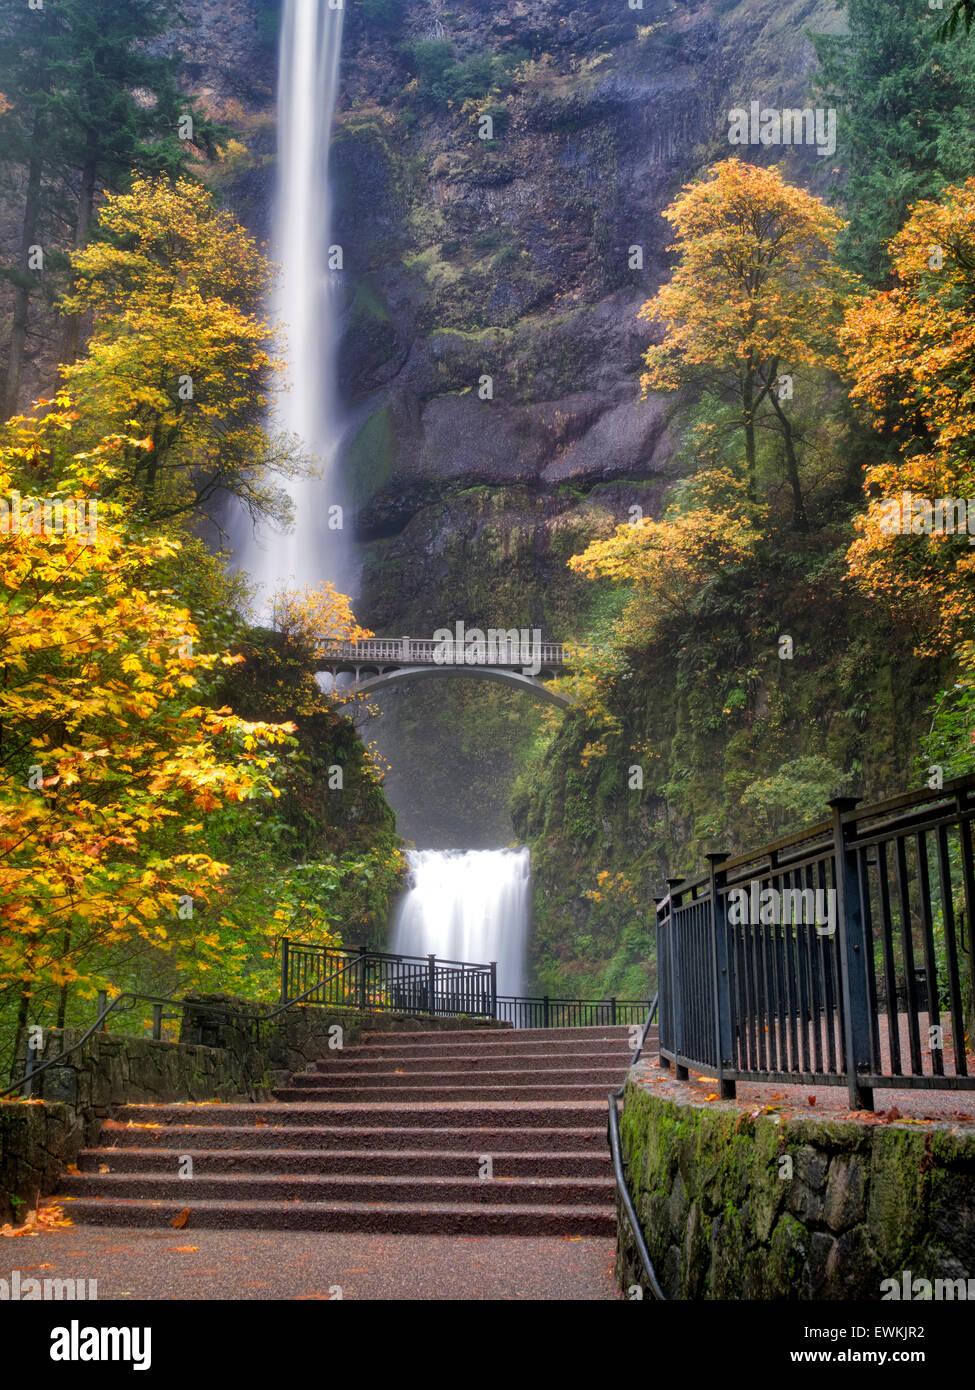 Multnomah Falls con pasos y color en el otoño. Columbia River Gorge National Scenic Area, Oregón Imagen De Stock